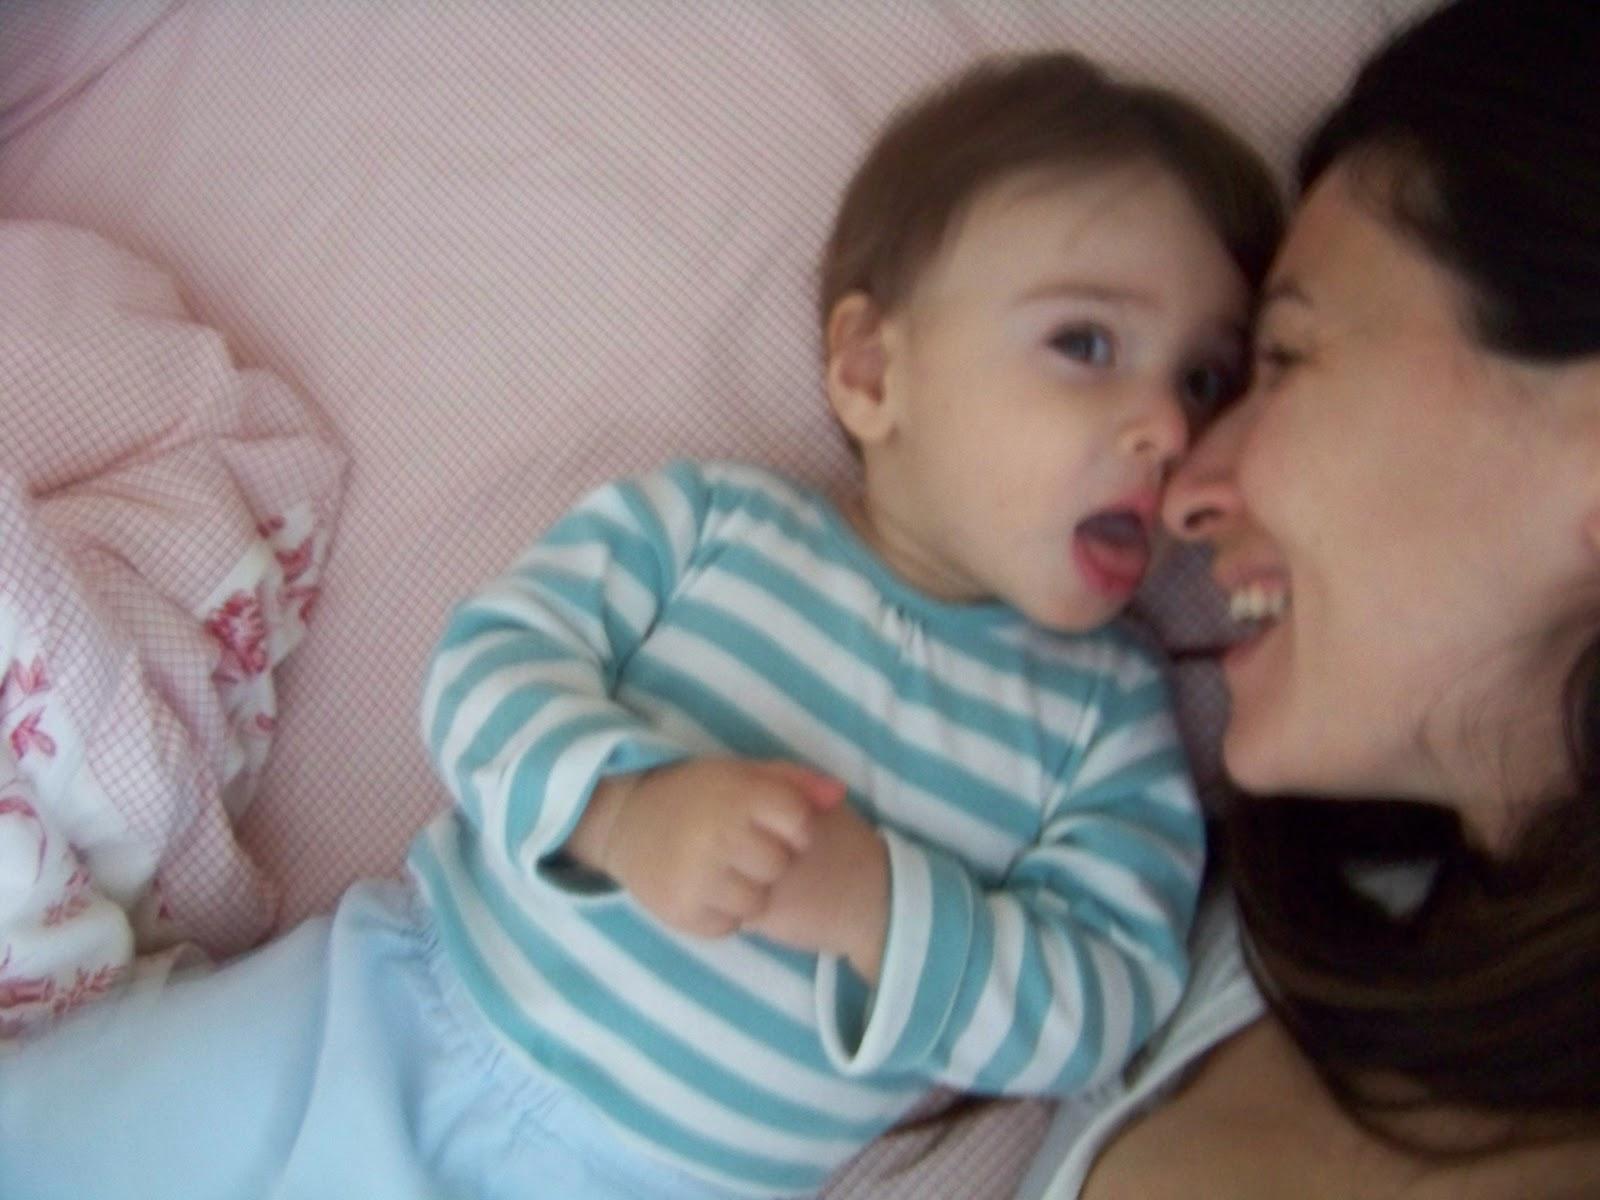 Bebeğinizin çığlık çığlığa ağlamasına izin vermeli misiniz